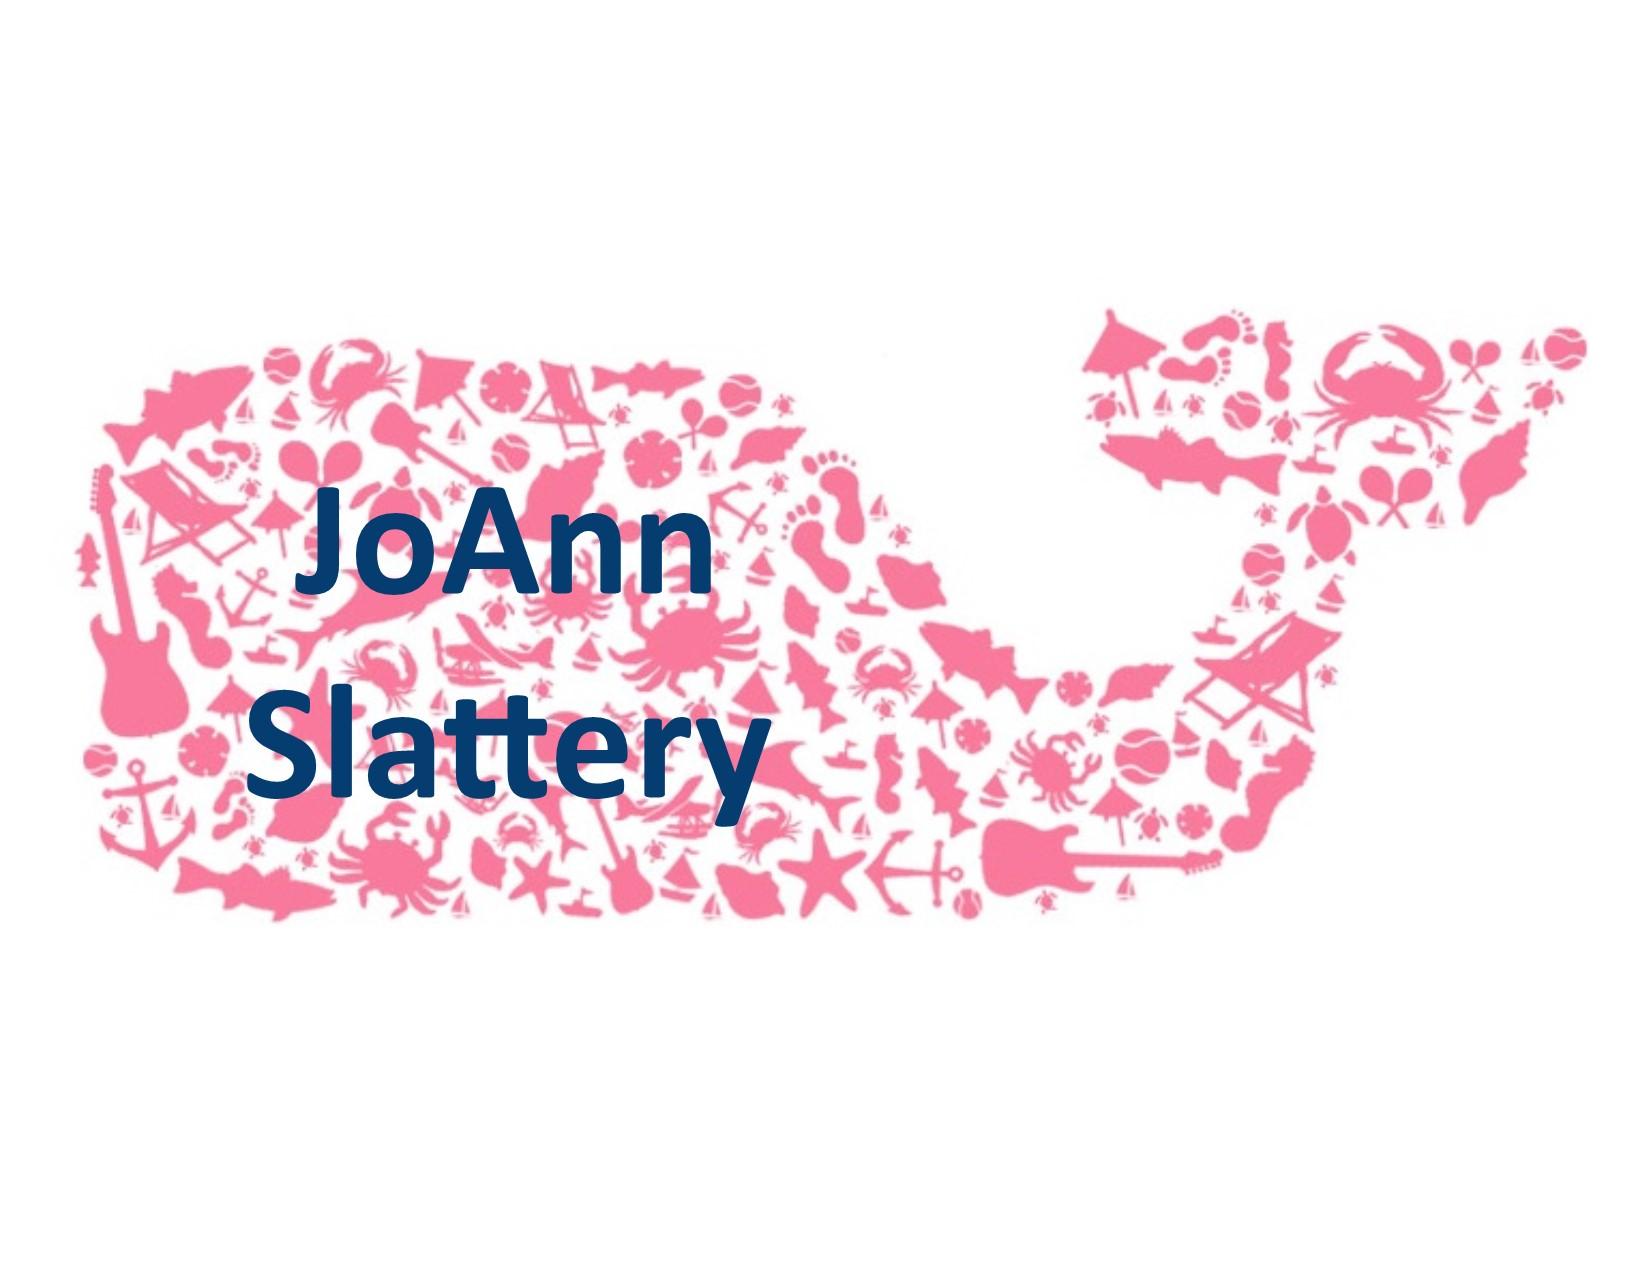 Slattery, Joann.jpg